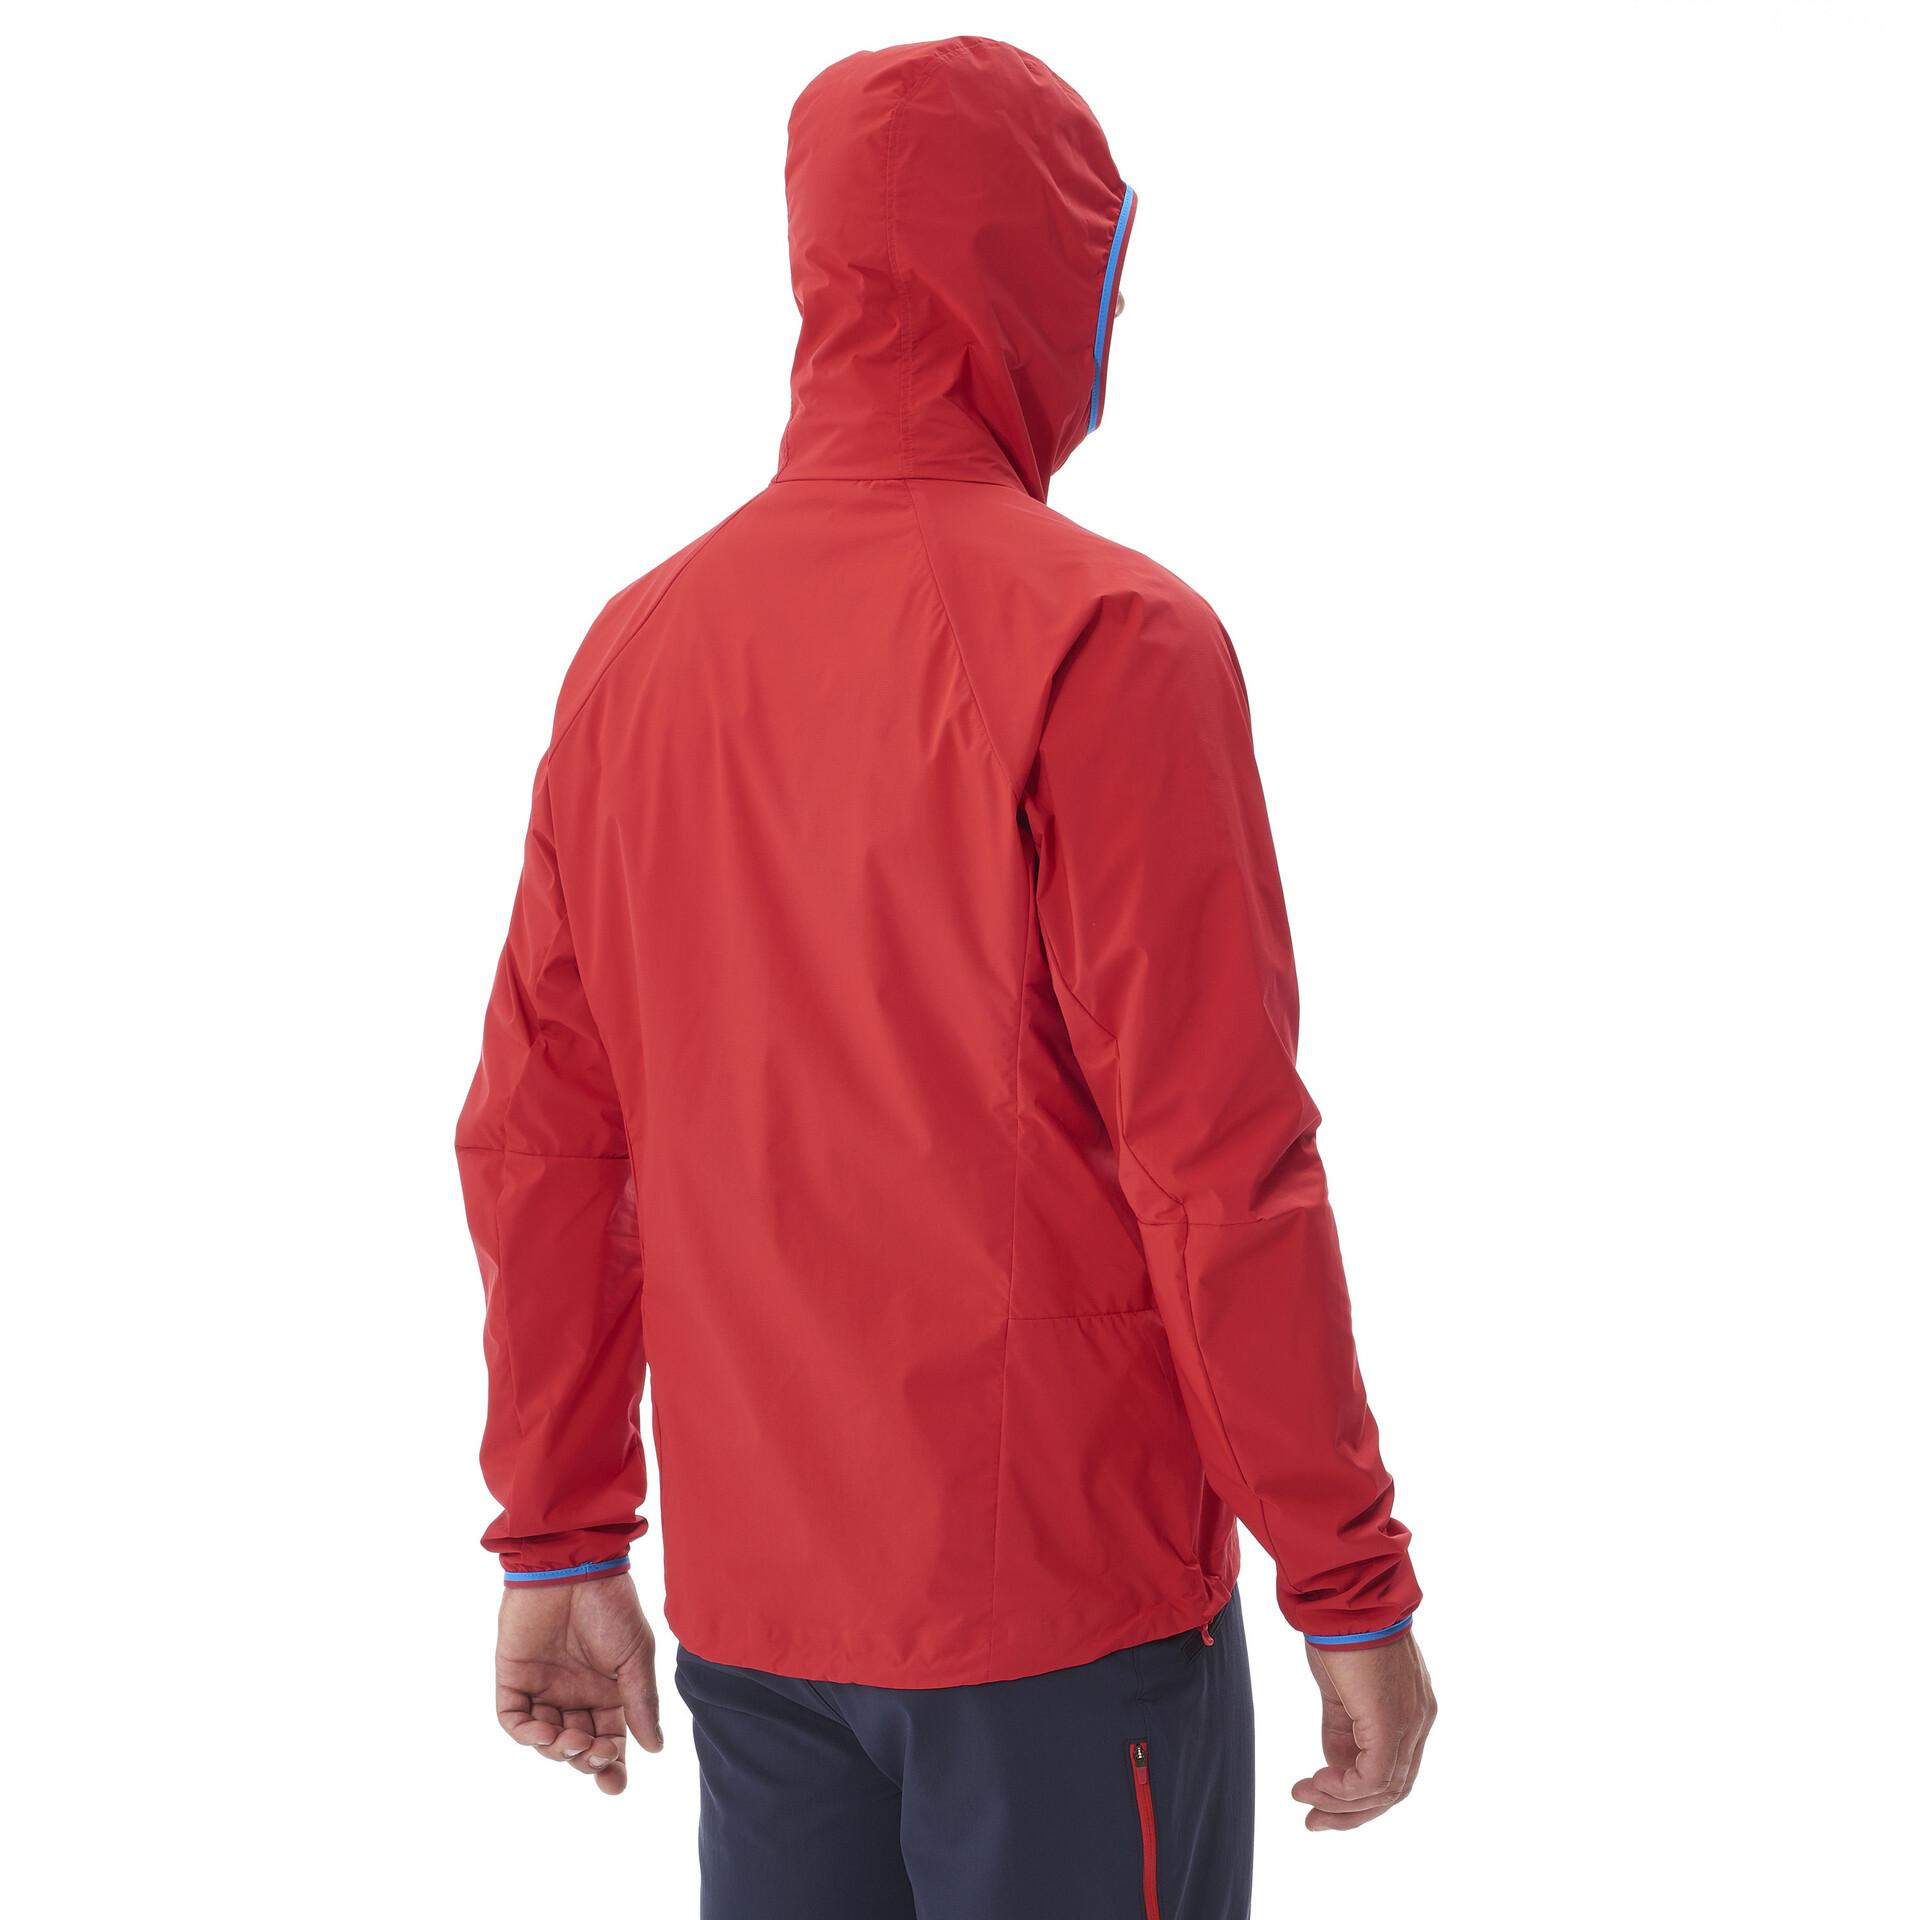 Millet Rouge Wds Campz Veste Trilogy Active Homme Sur rwBq6rRn